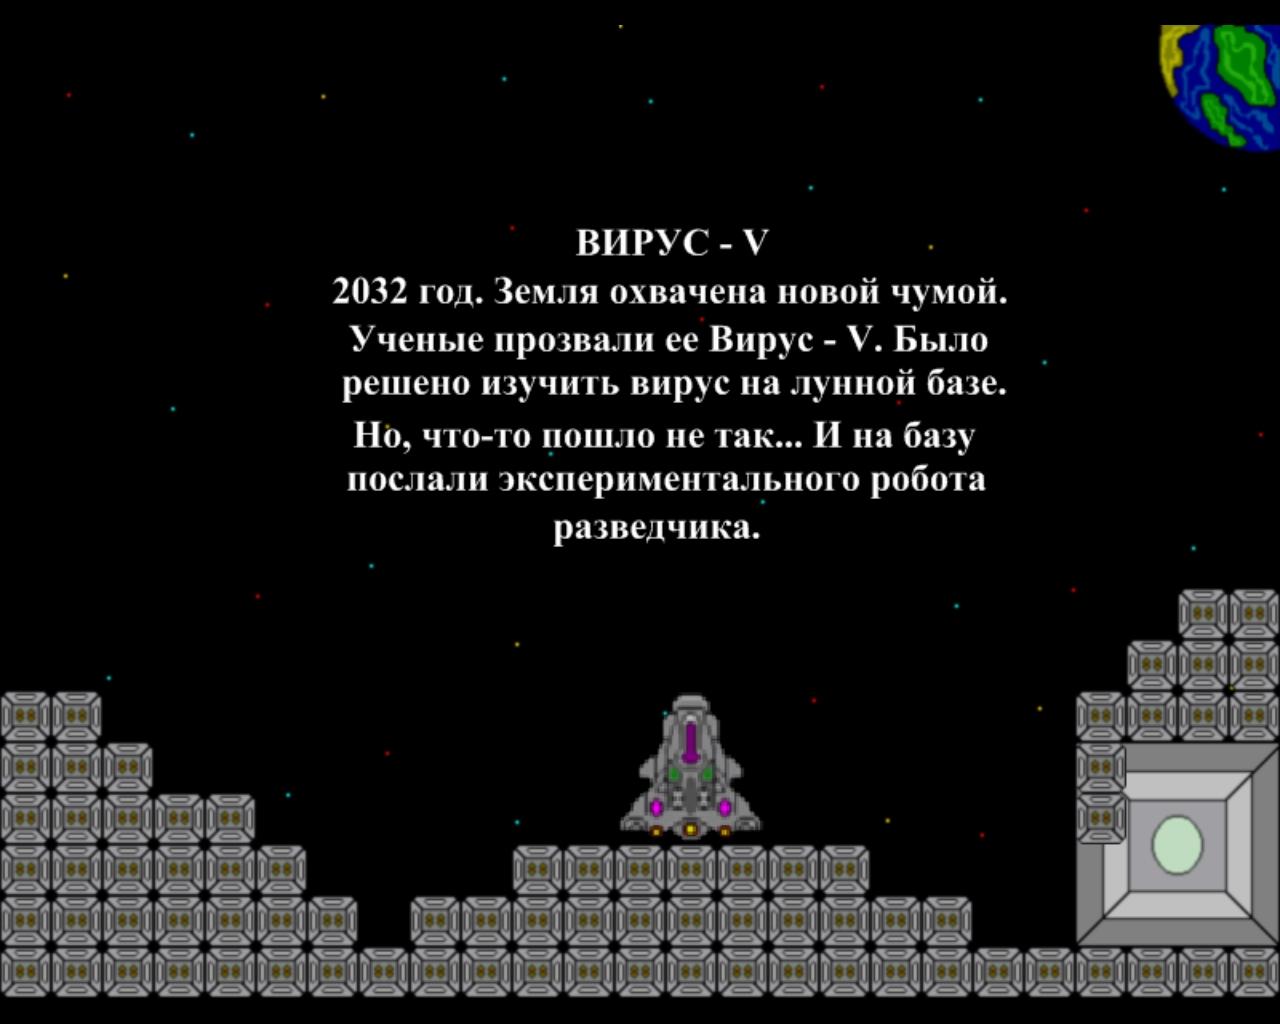 Текст ФЛГ3-2011-10-27-18-25-13-jpg